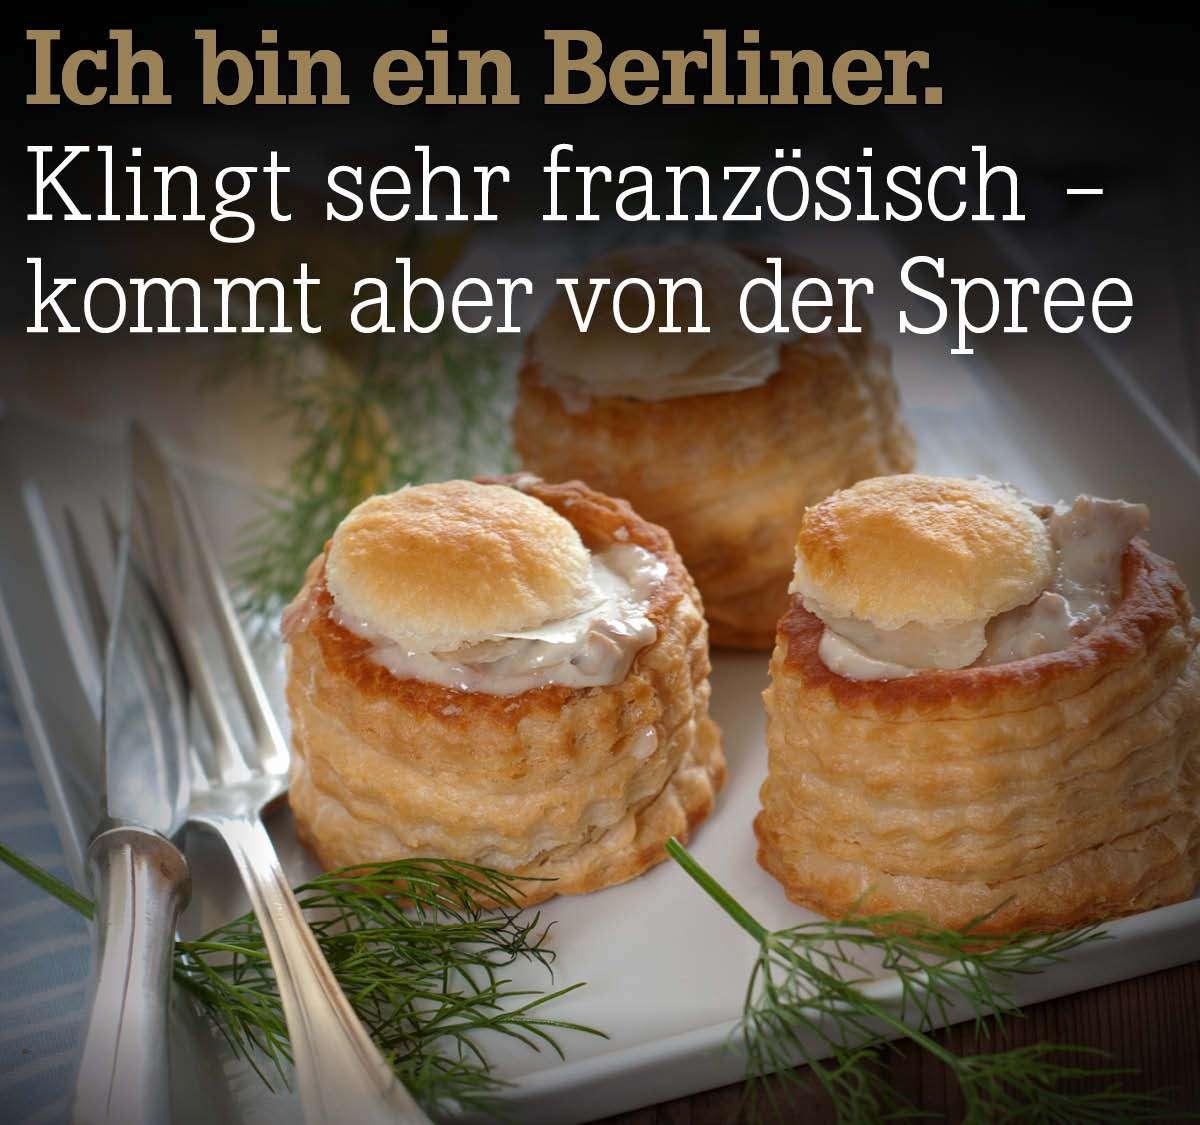 Ich bin ein Berliner. Klingt sehr französisch – kommt aber von der Spree